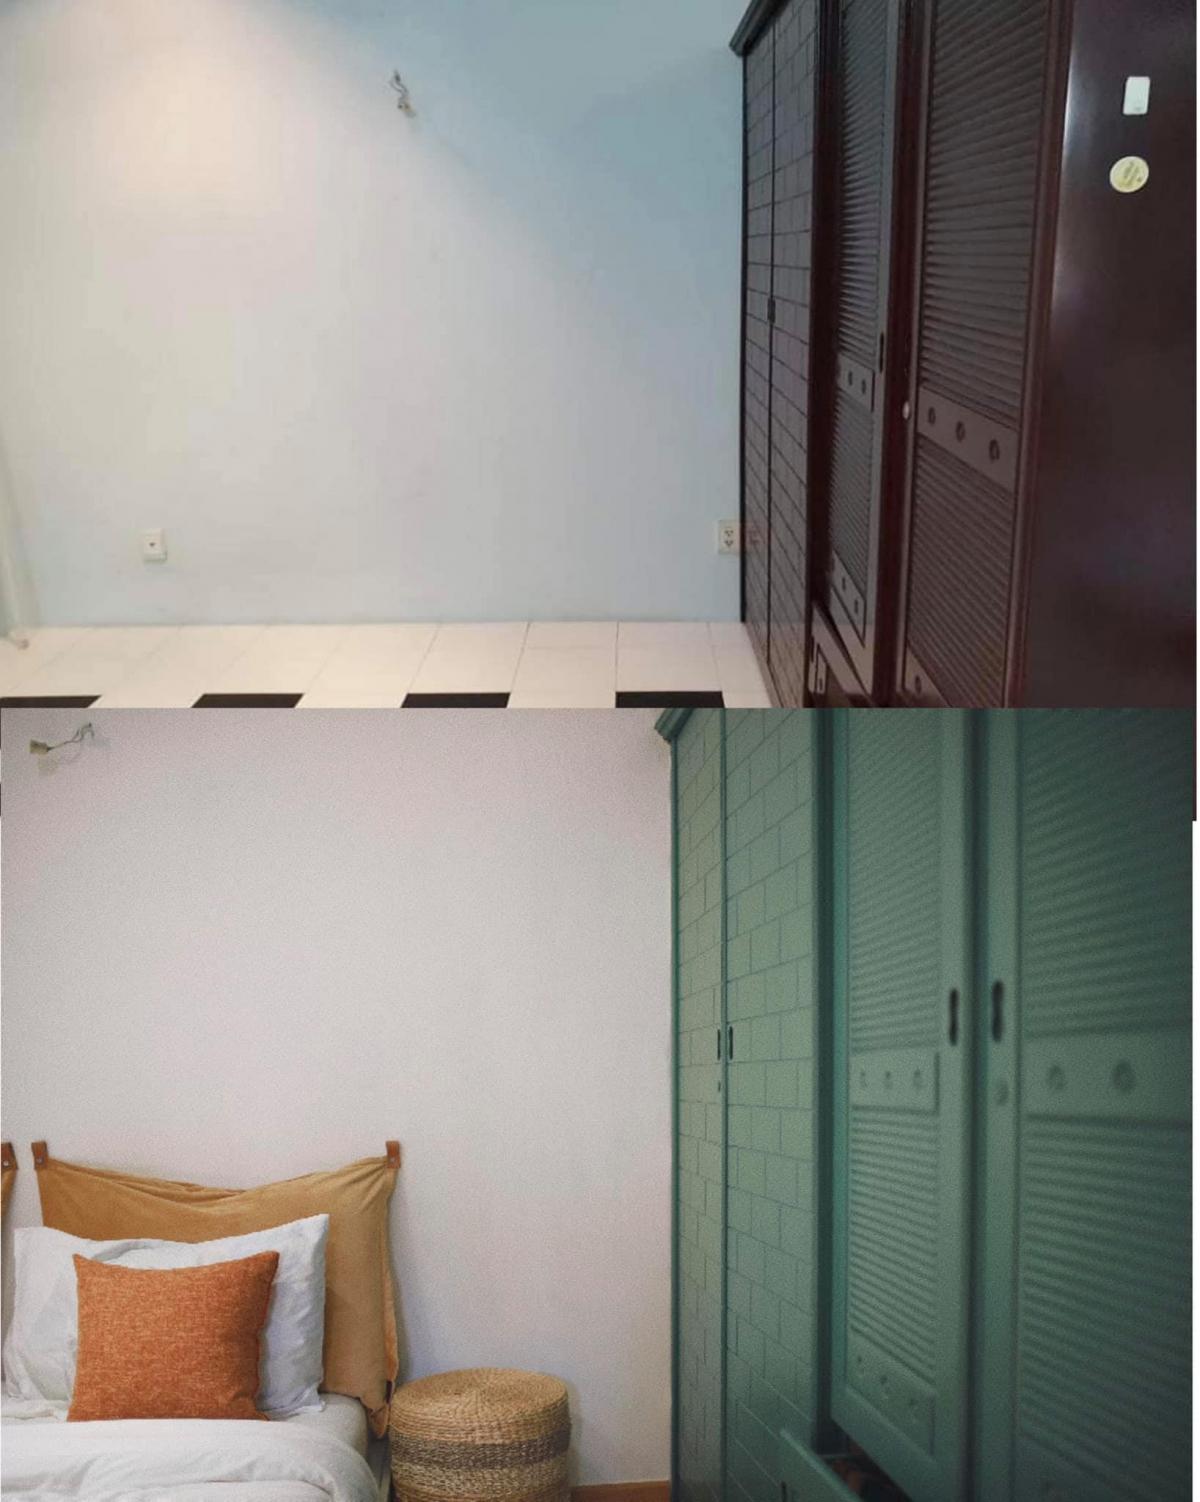 Anh Thái Hoàng chia sẻ dự án cải tạo căn hộ cũ do đích thân anh tự lên thiết kế, chỉ đạo thi công, bài trí nội thất Sài Gòn. Toàn bộ công trình được anh hoàn thành trong hai tháng với chi phí rất tiết kiệm.